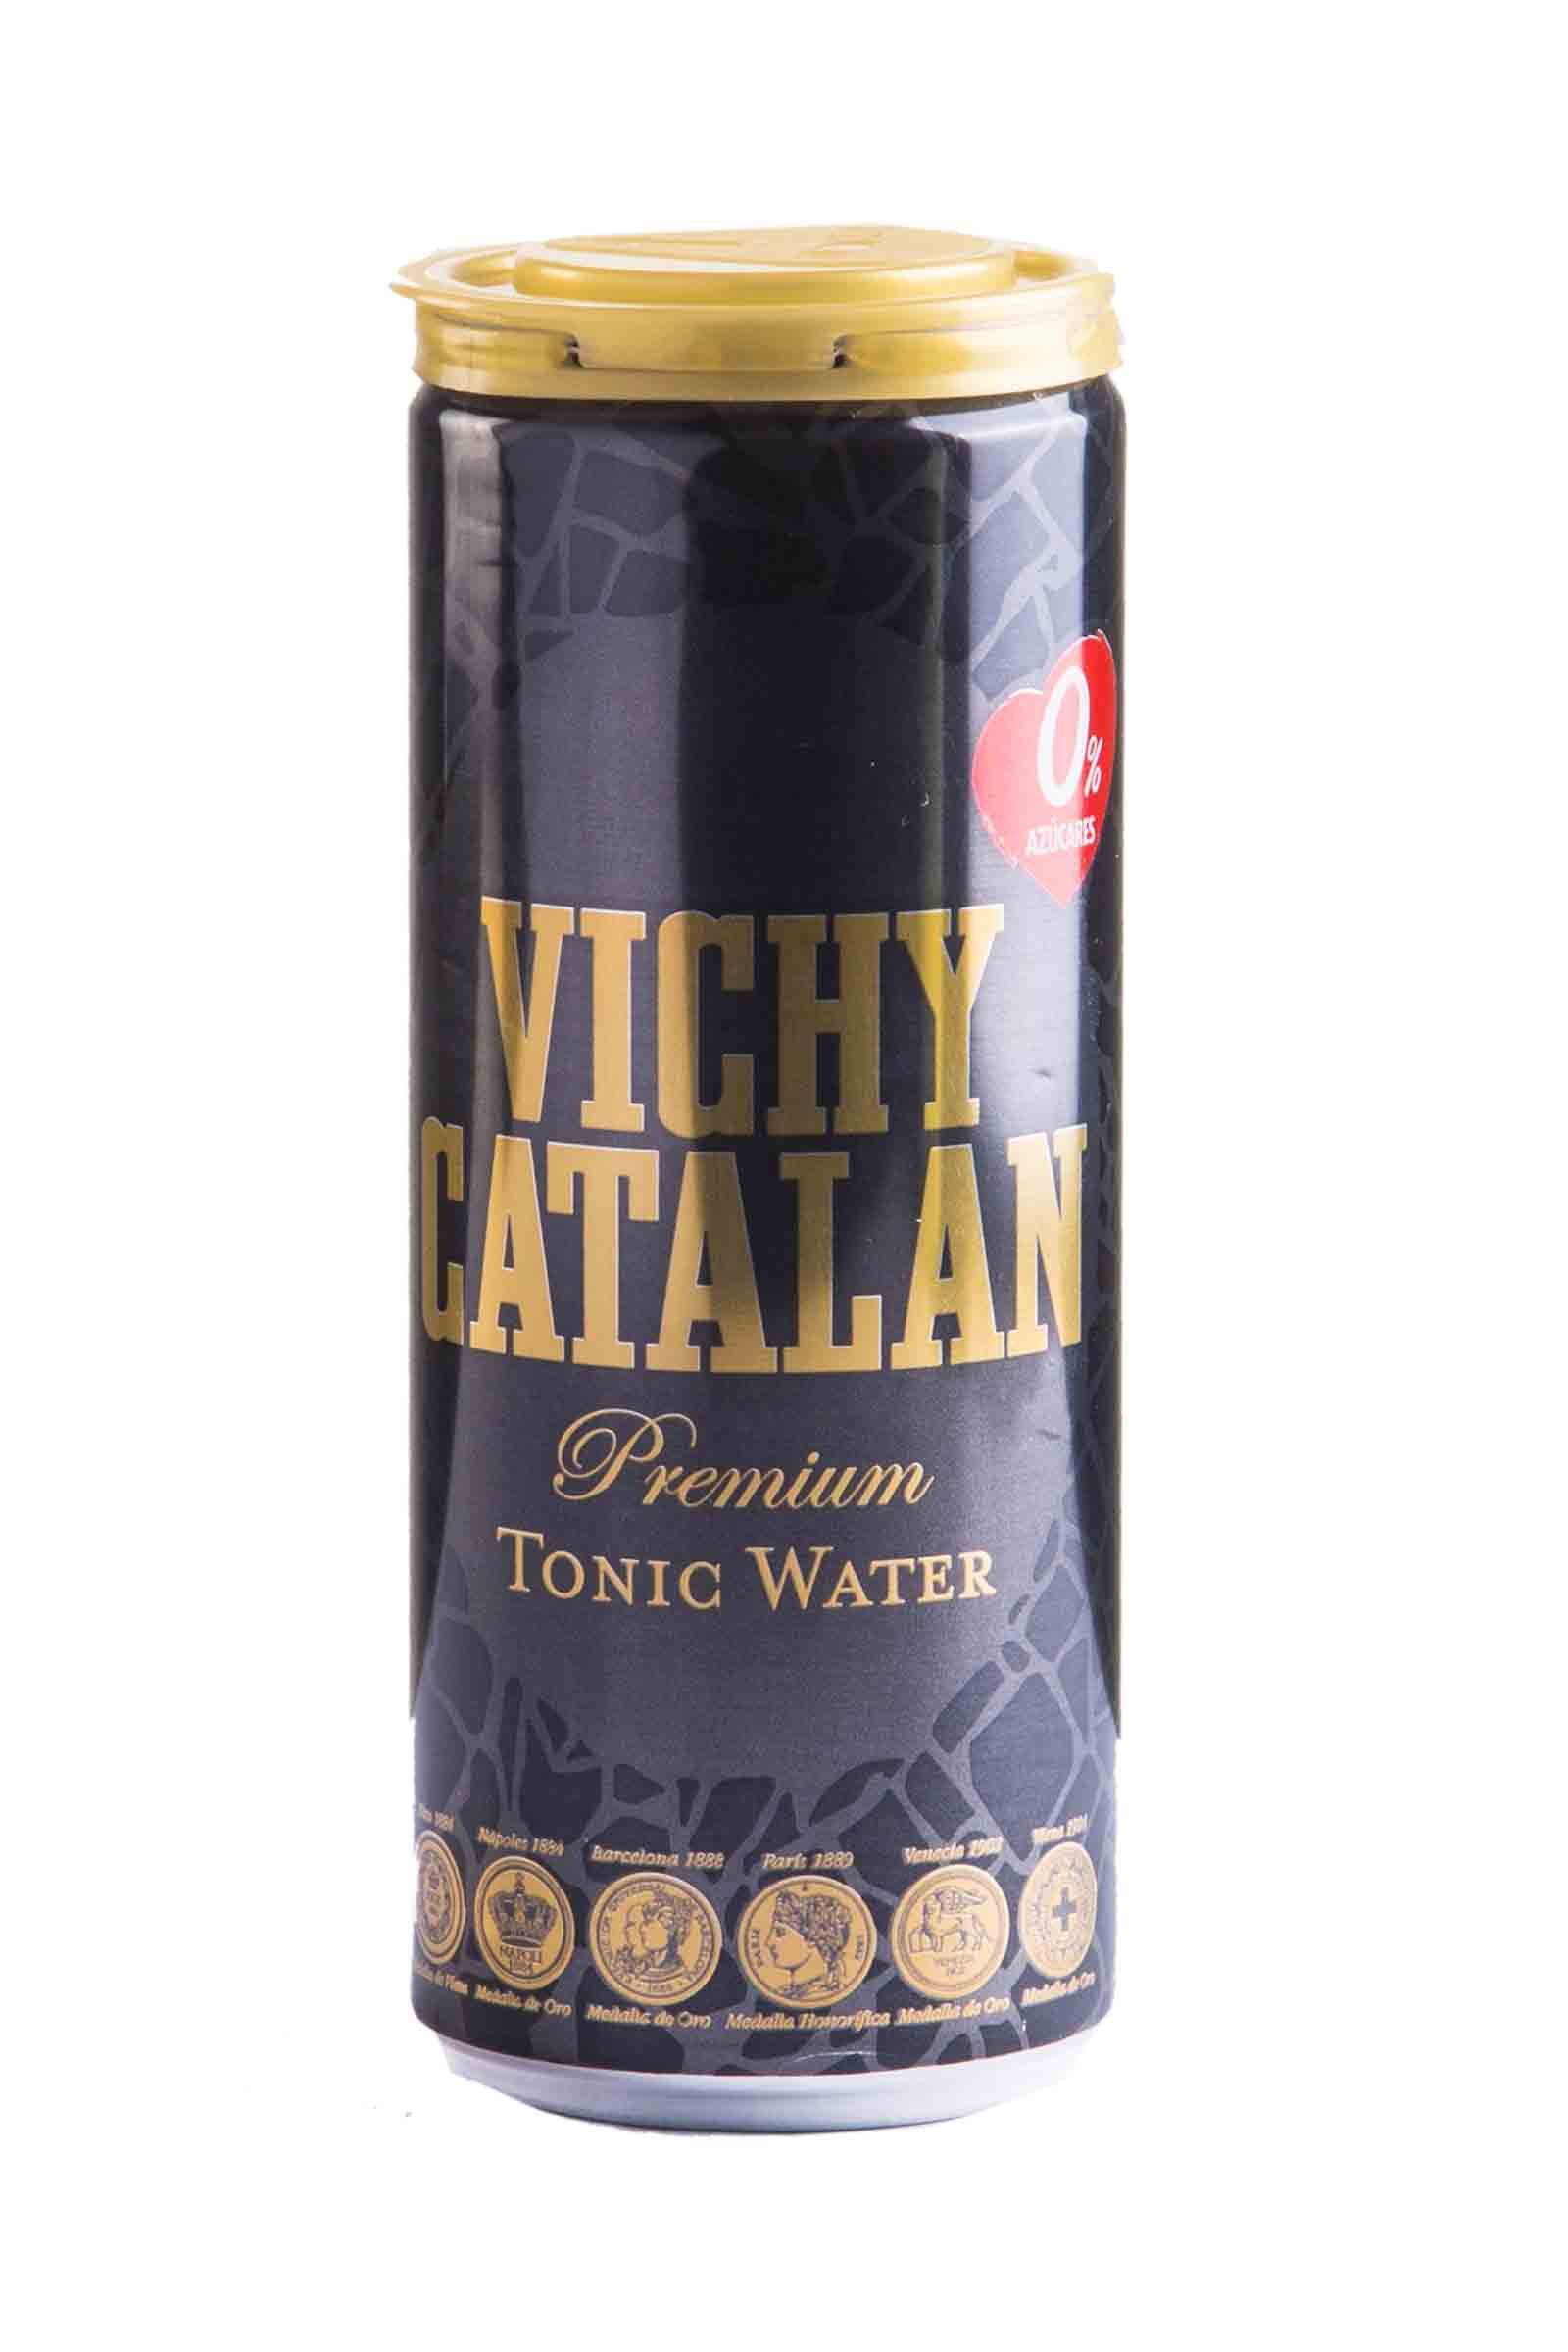 Vichy Catalan Agua Tonica 330ml